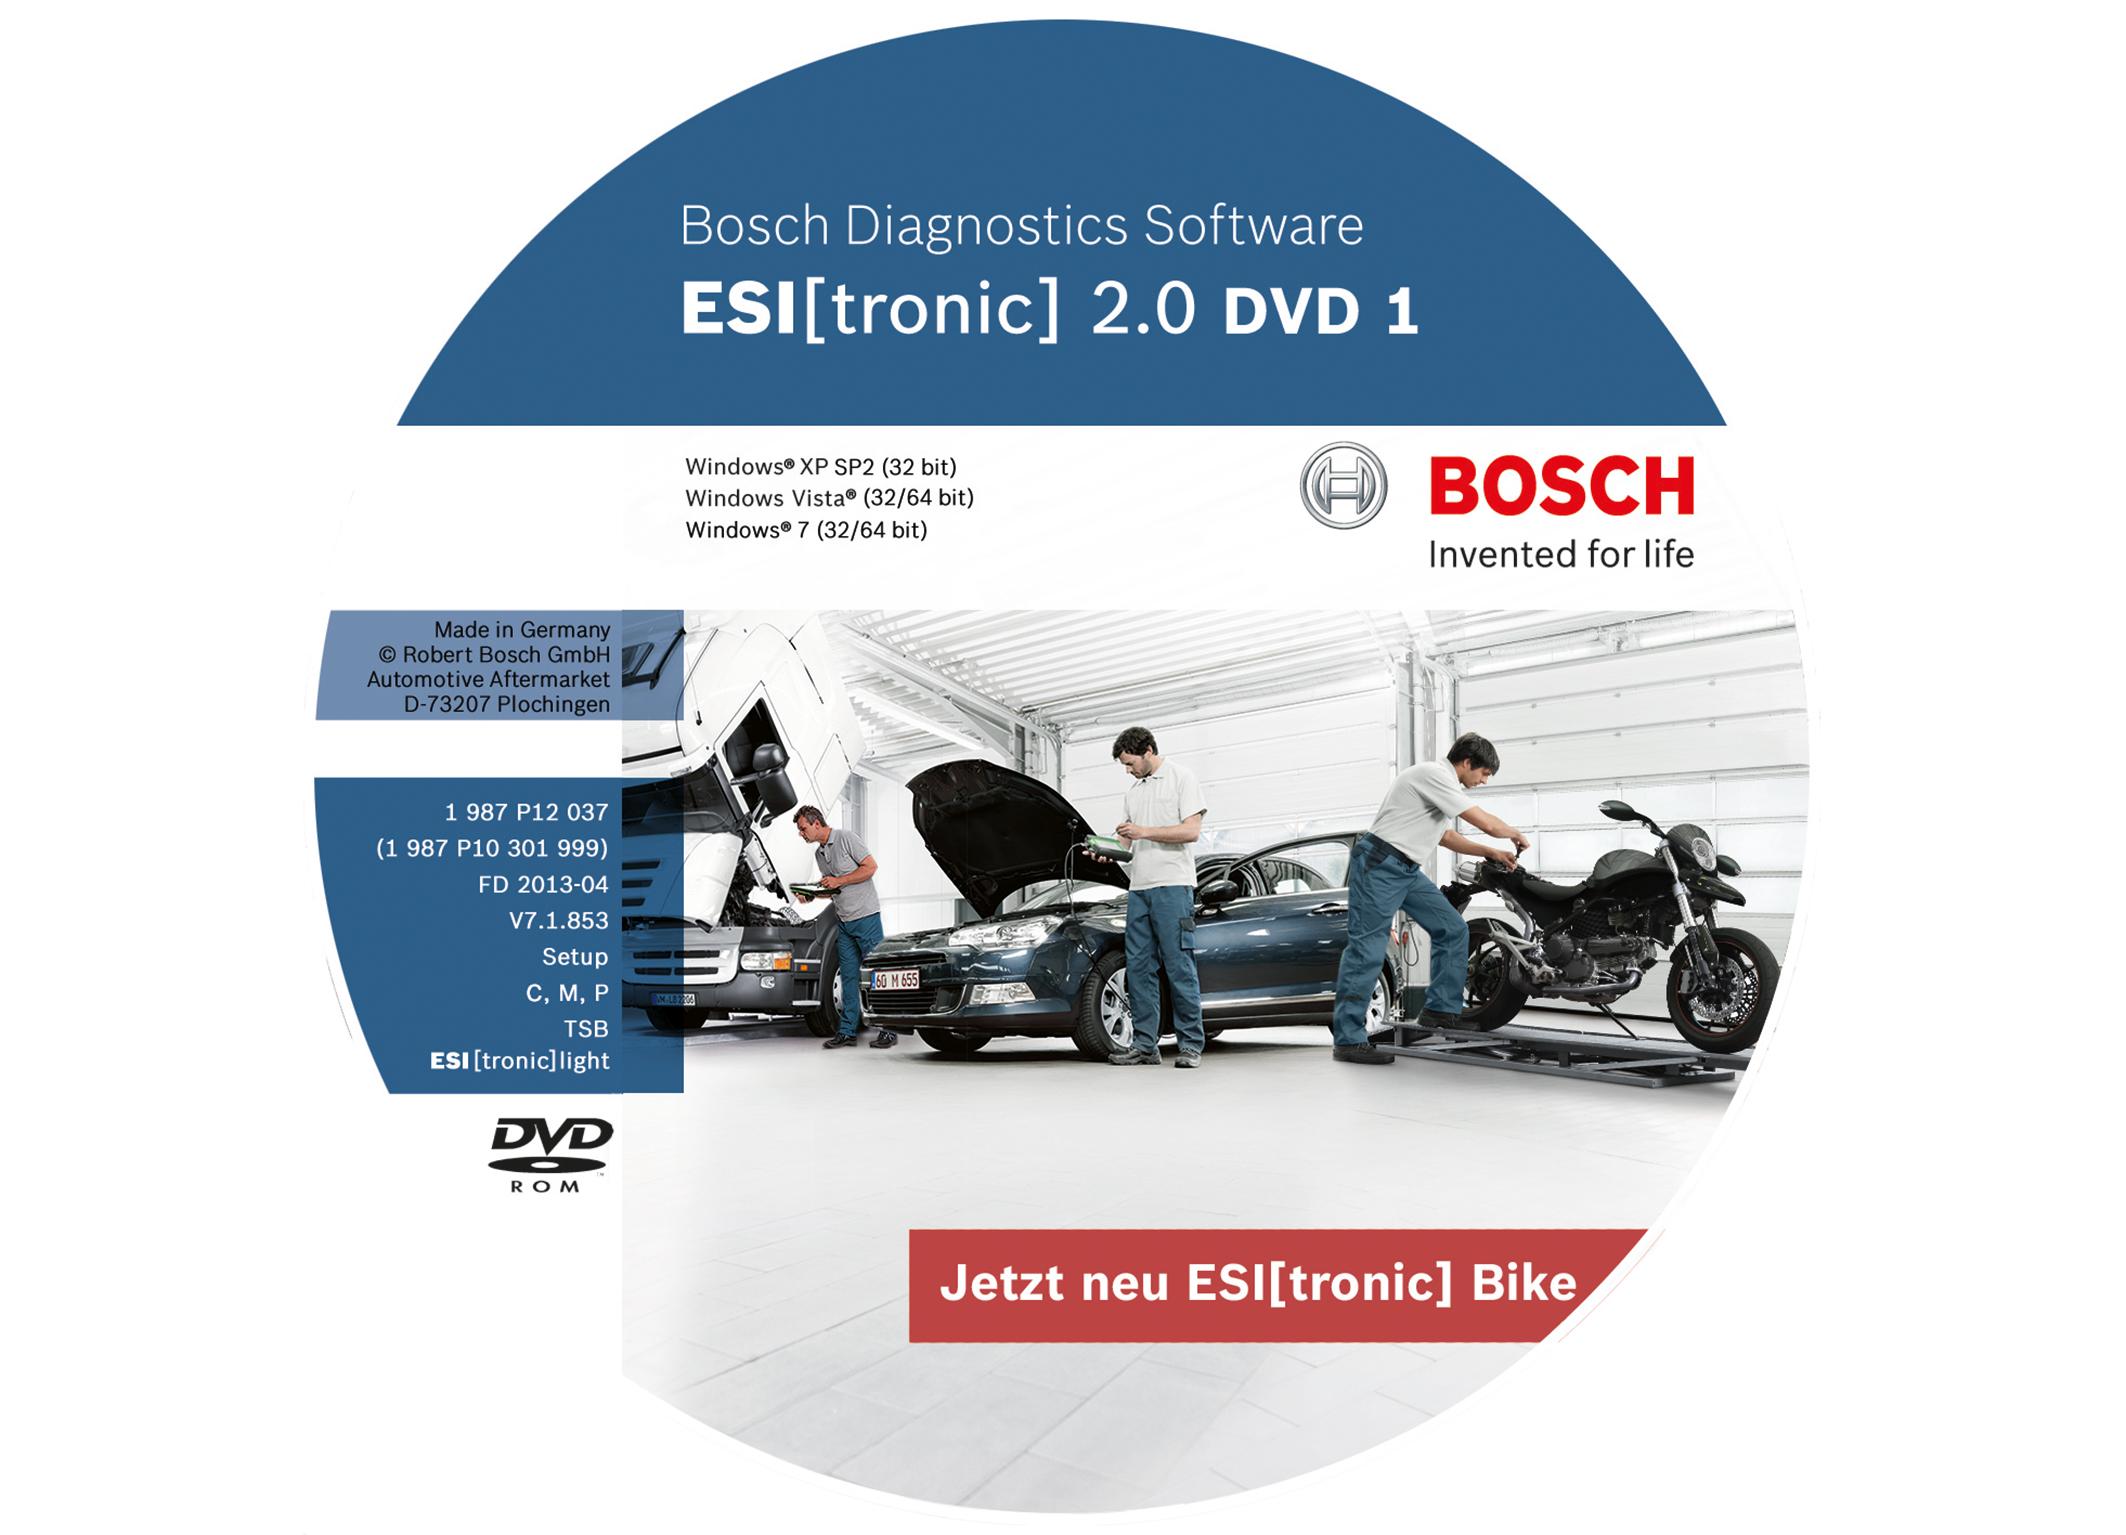 modern bosch test and diagnostic equipment for motor vehicle workshops bosch media service. Black Bedroom Furniture Sets. Home Design Ideas